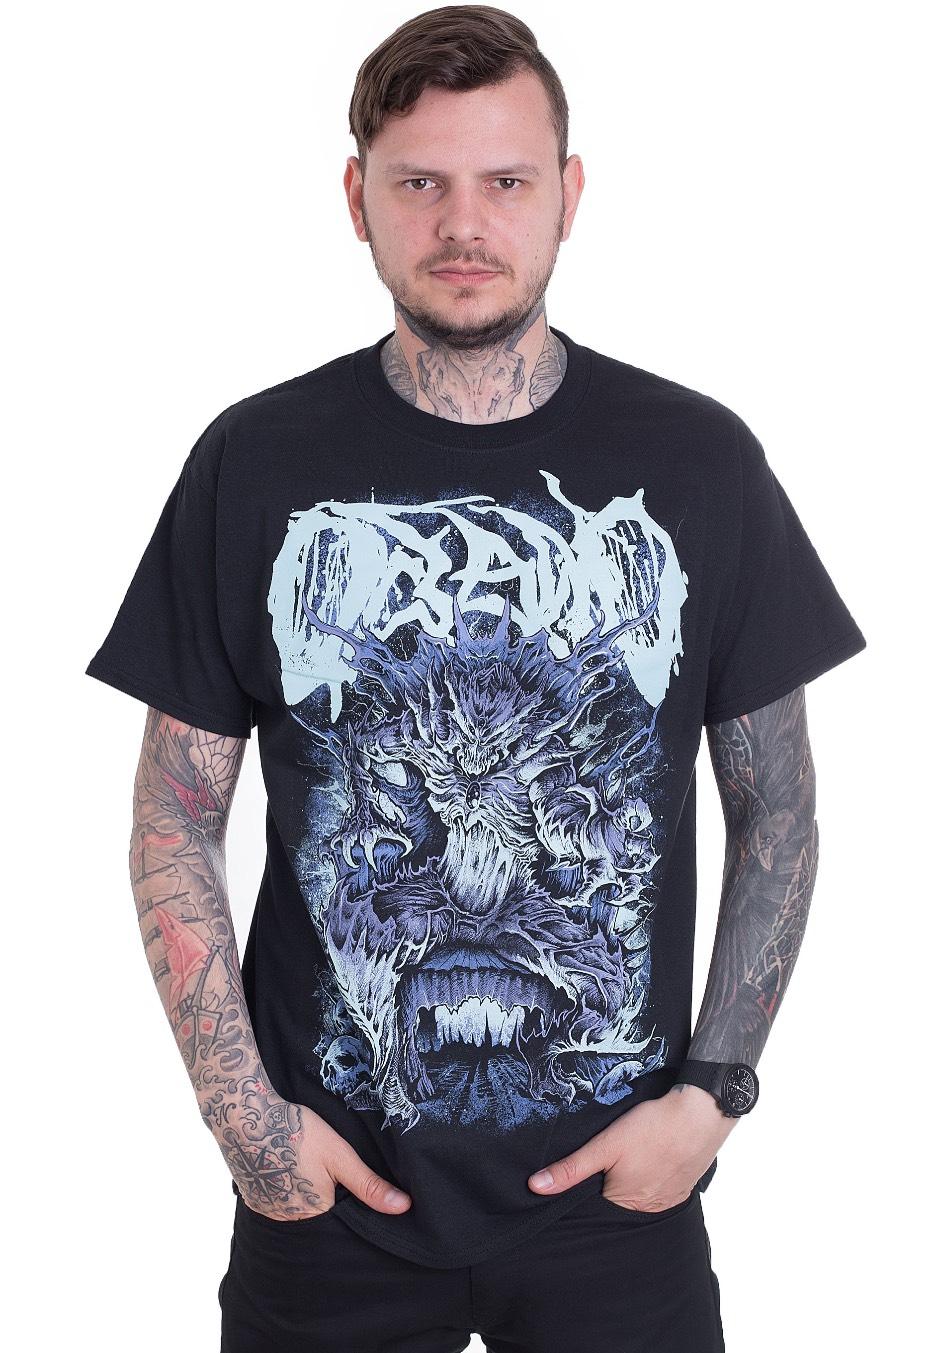 Oceano - Alien Throne - T-Shirt